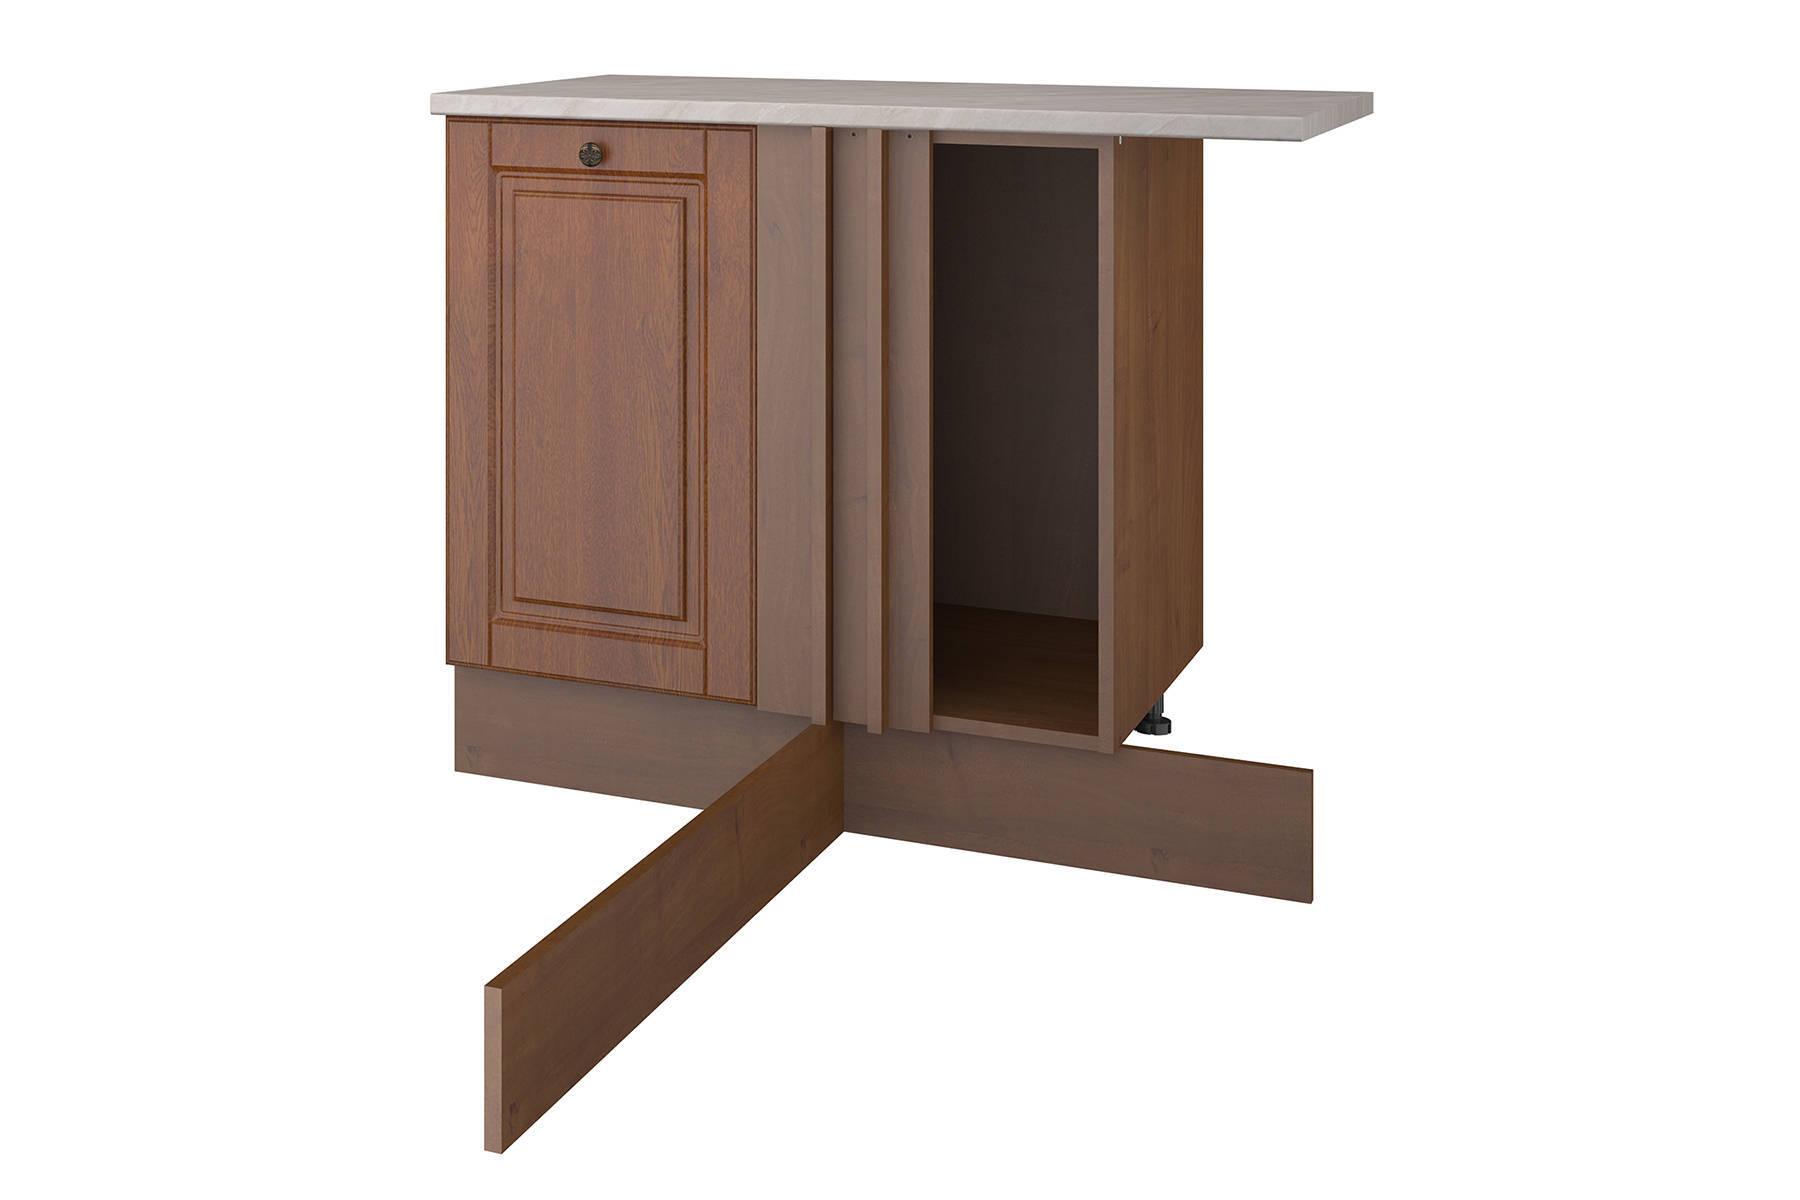 Шкаф напольный угловой Lima СТЛ.308.10 шкаф навесной для вытяжки lima стл 308 04